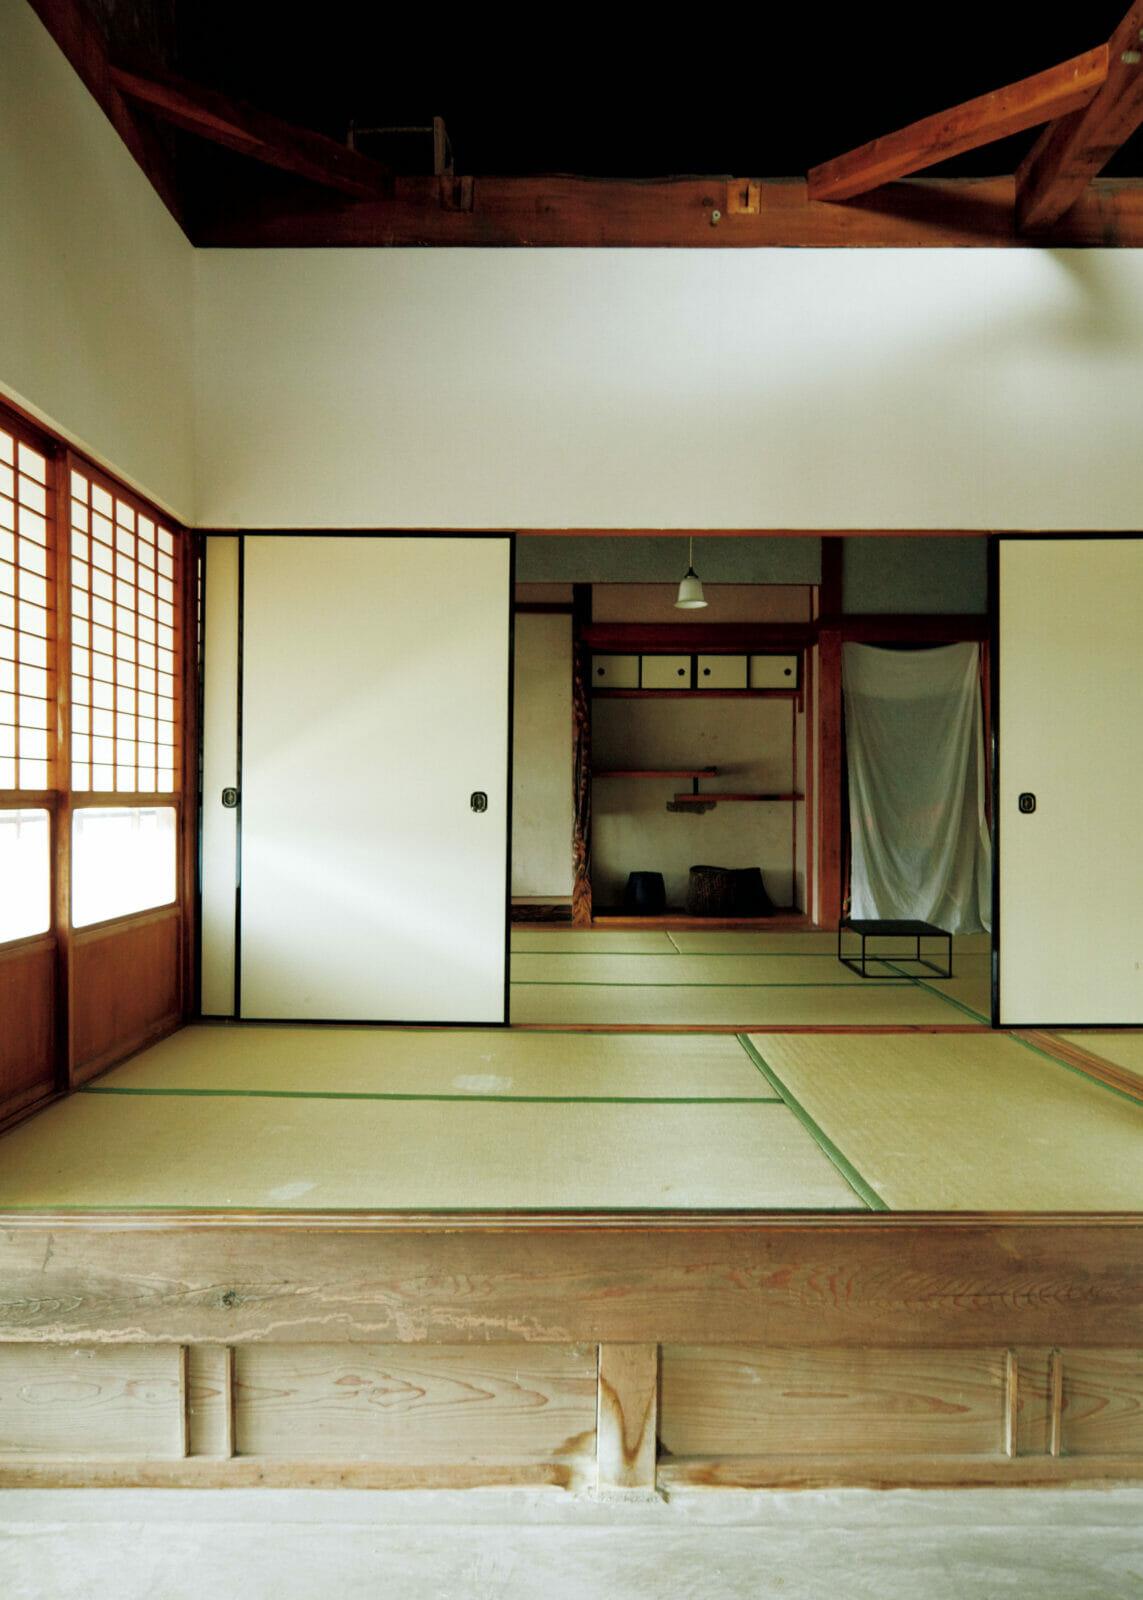 吹き抜けにした3畳の小上がりの向こうに、床の間のある6畳の和室。1階の床面積は約120㎡で、都市住宅に比べれば広いが、元農家の家としては小さく、4人家族の住まいへのリノベーションには最適だった。